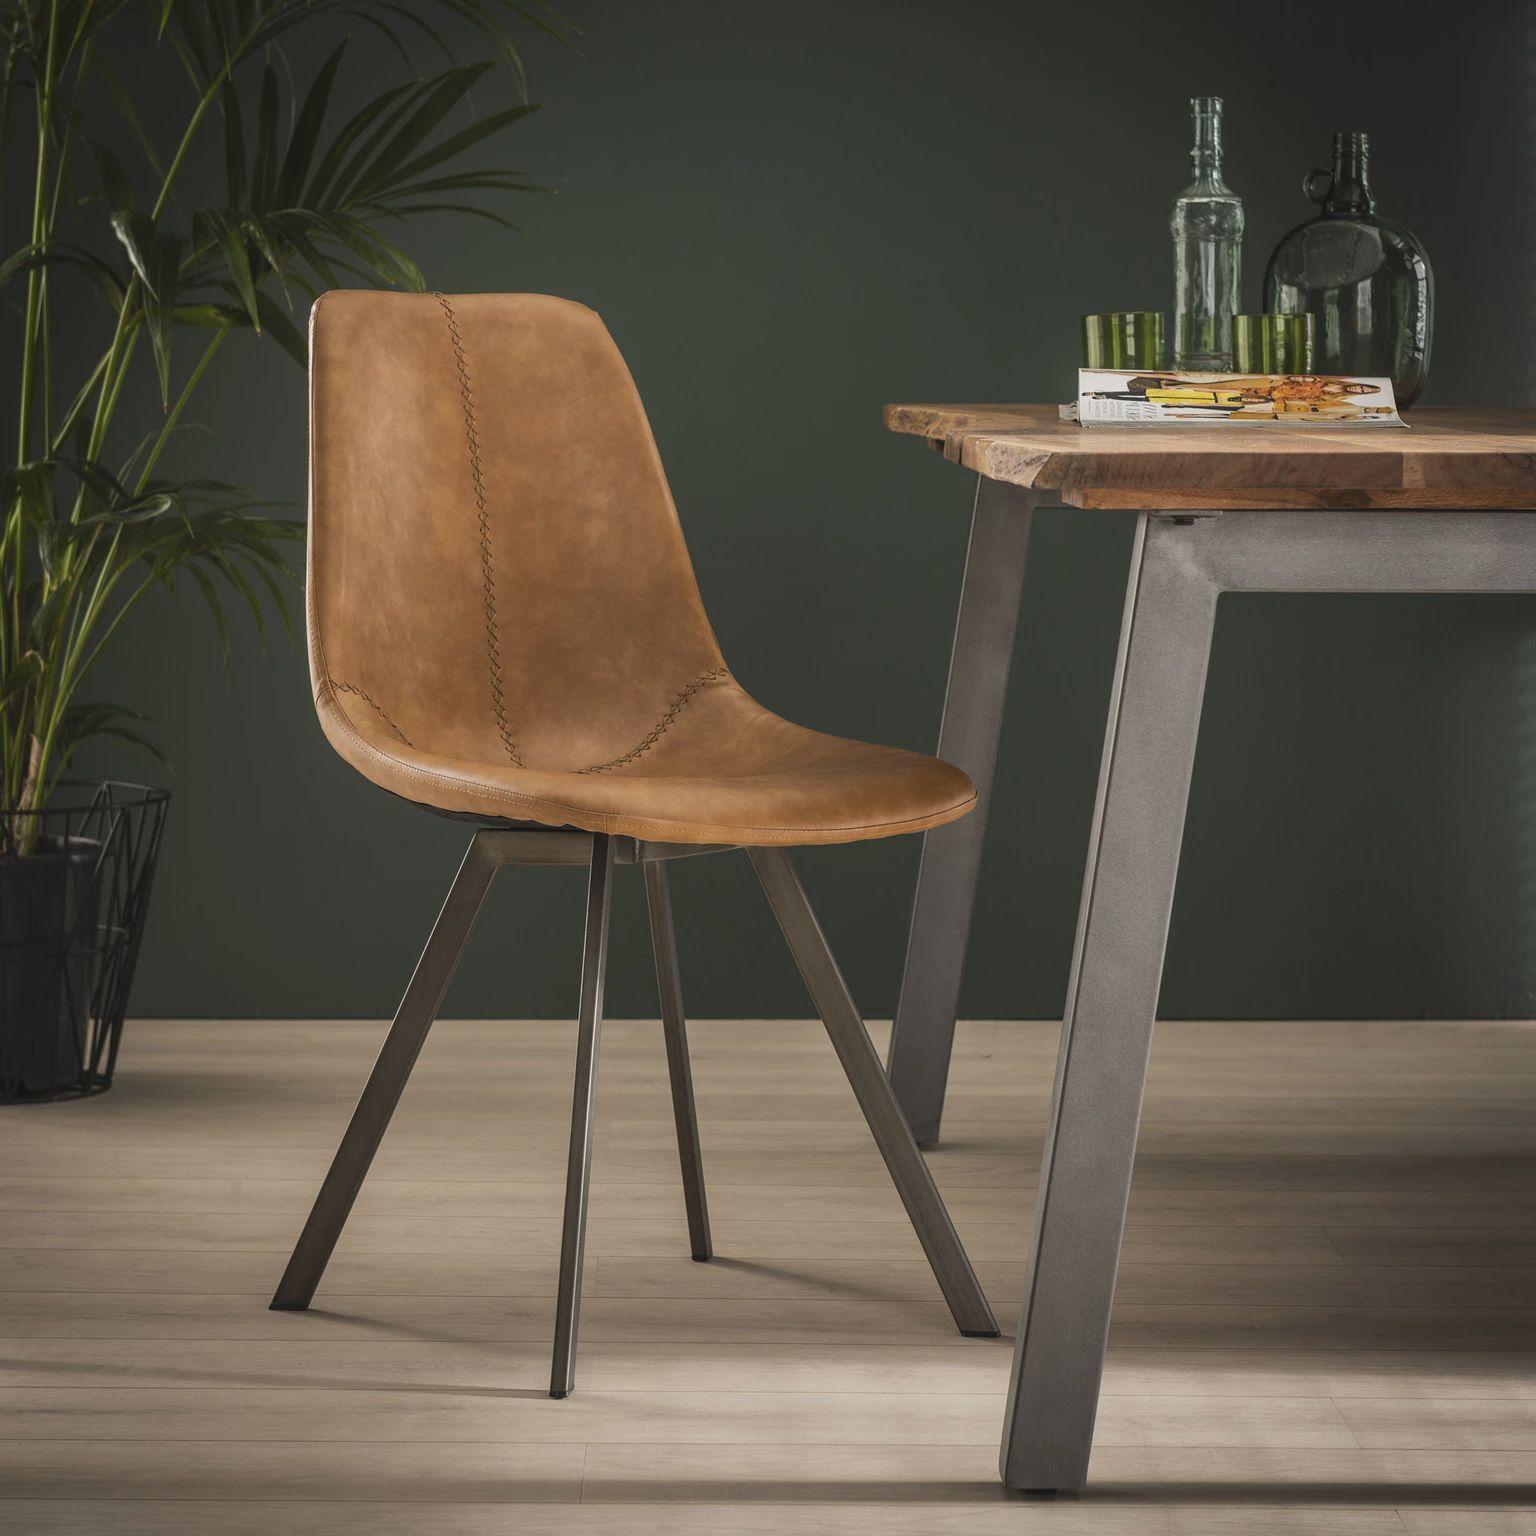 bautzen-eetstoel-pu-cognac-kunstleder-1